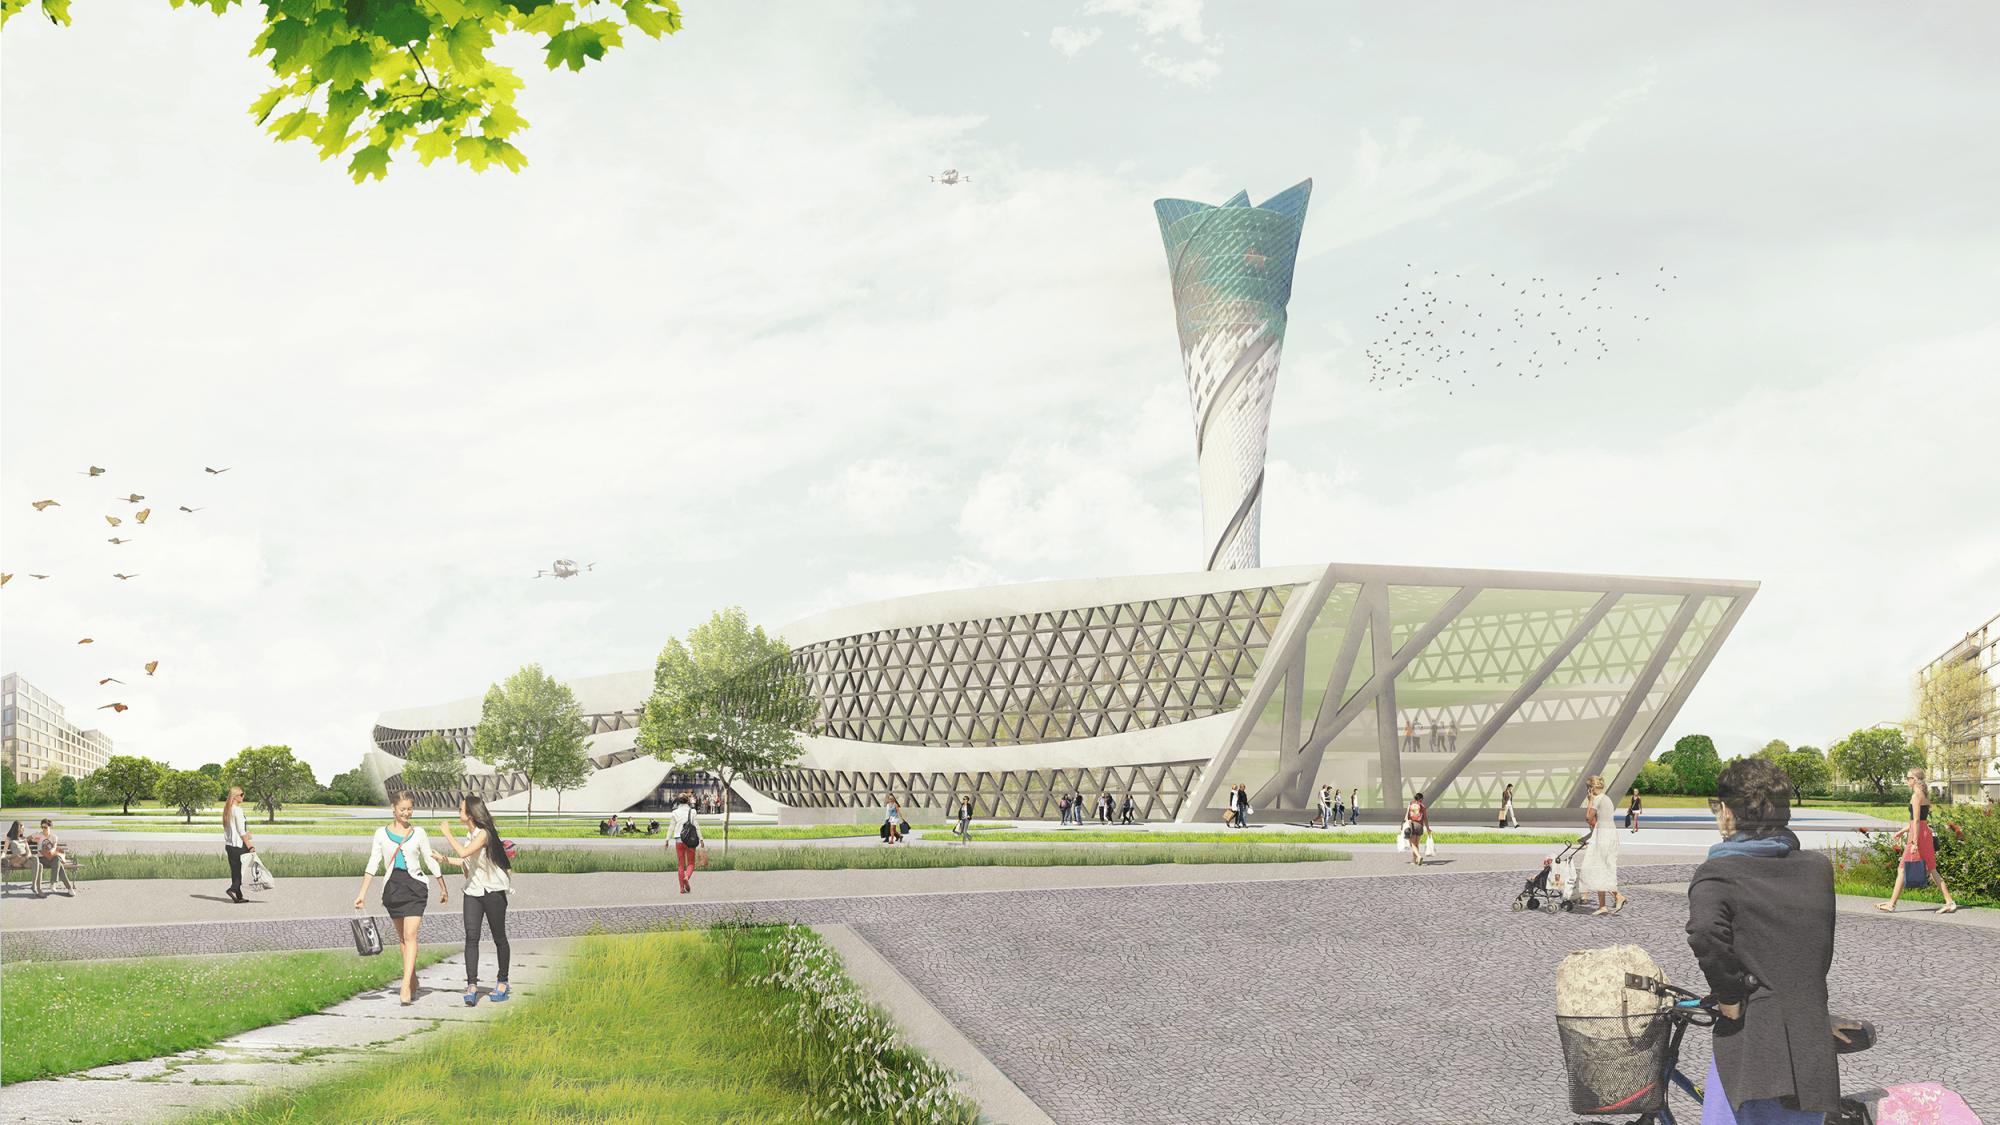 Rendering Architekturmodell eines Gebäudes